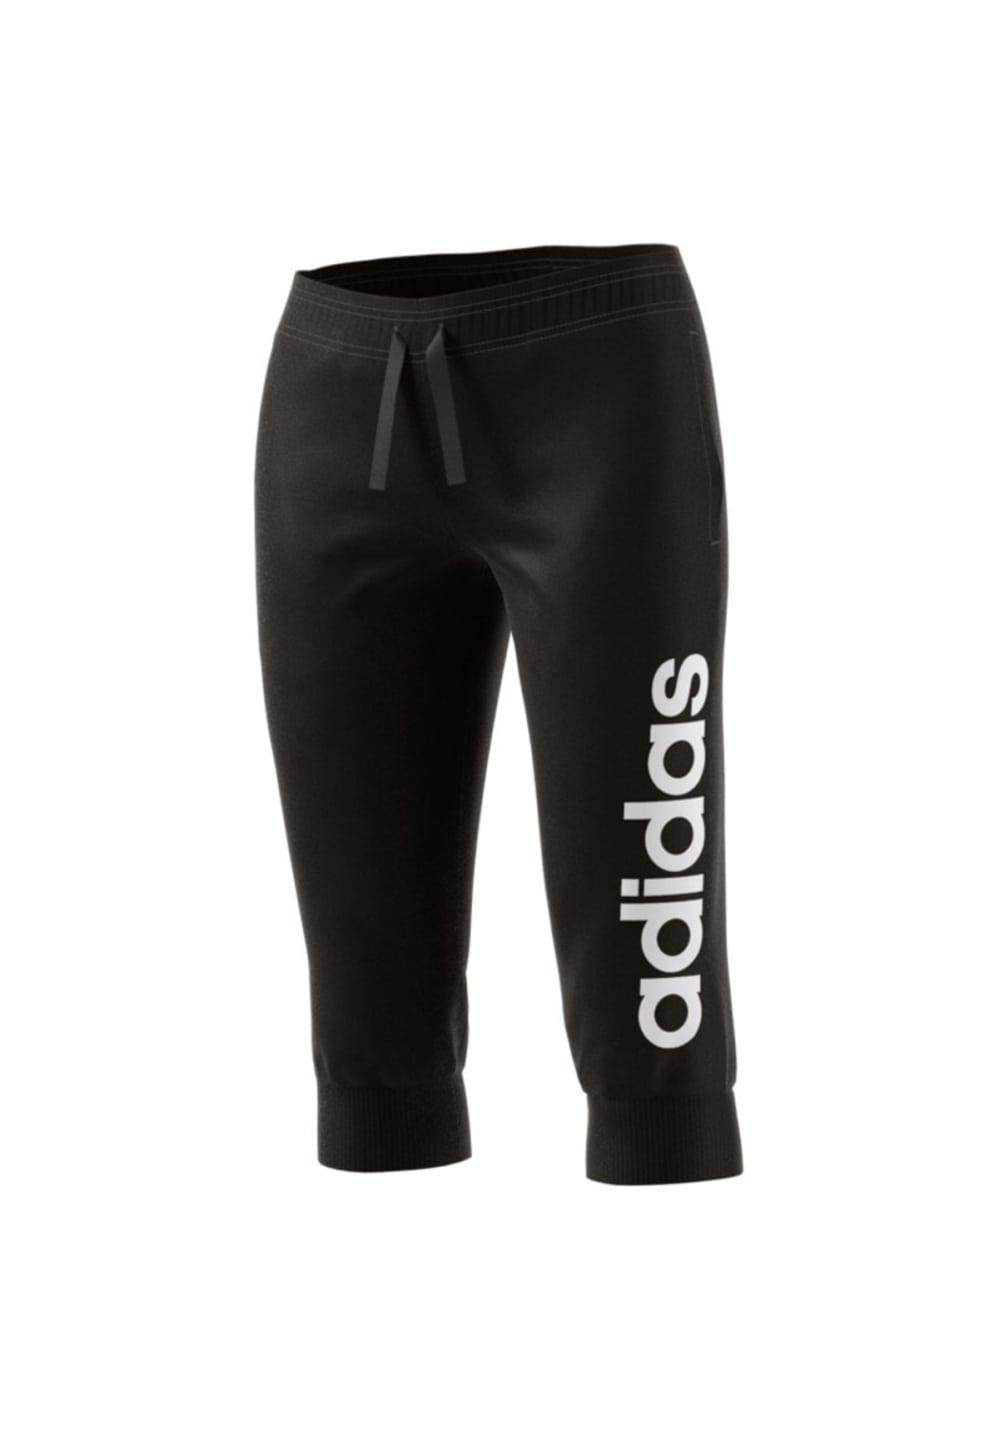 adidas Essentials Linear 3/4 Pant - Laufhosen für Damen - Schwarz, Gr. S